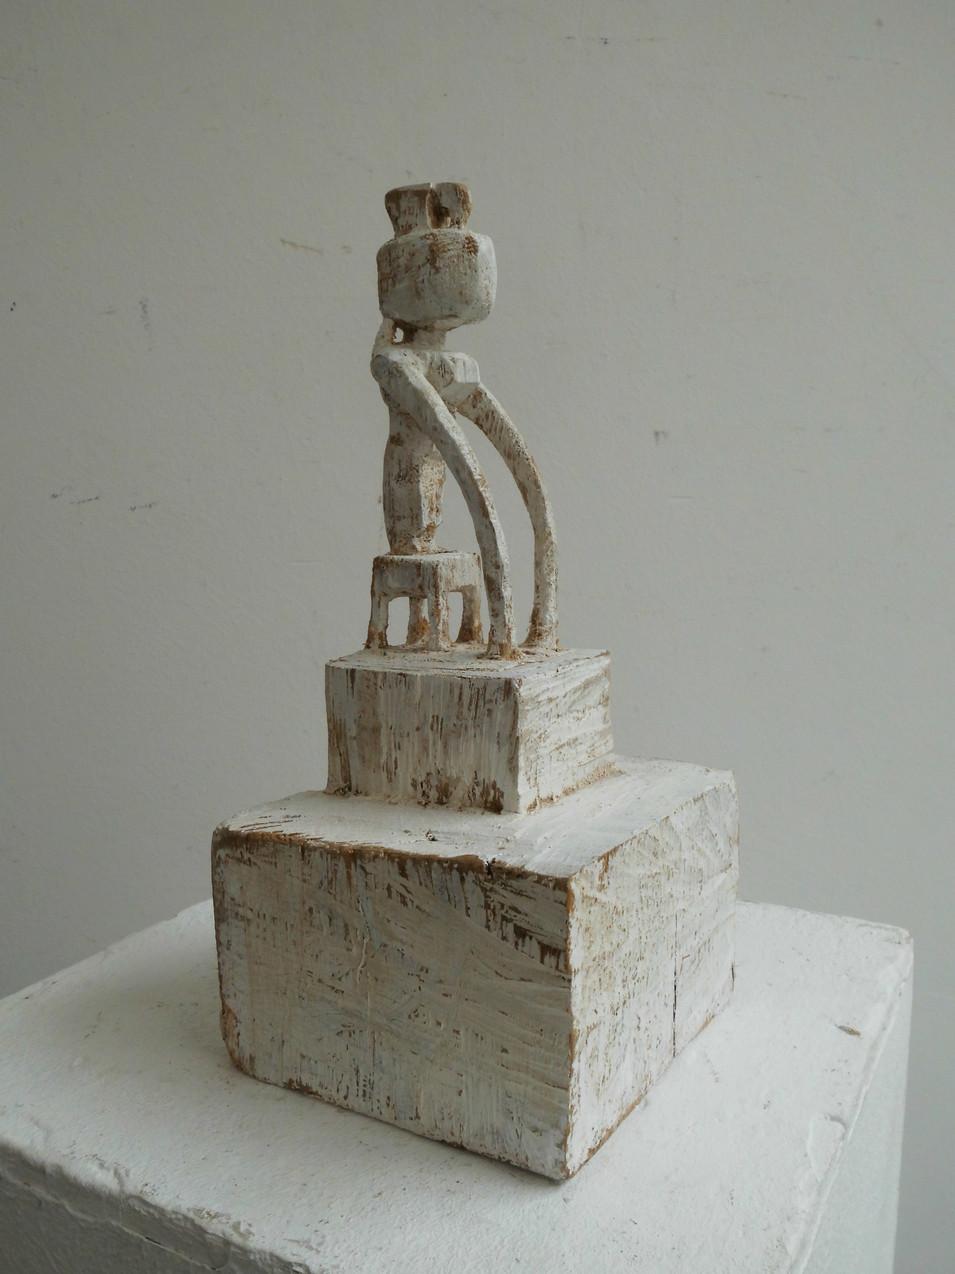 Klaus Hack | Kleine Figur mit Stützarmen | 2010 | Holz | weiß gefasst | 24,8 x 12 x 11 cm | 970 Euro